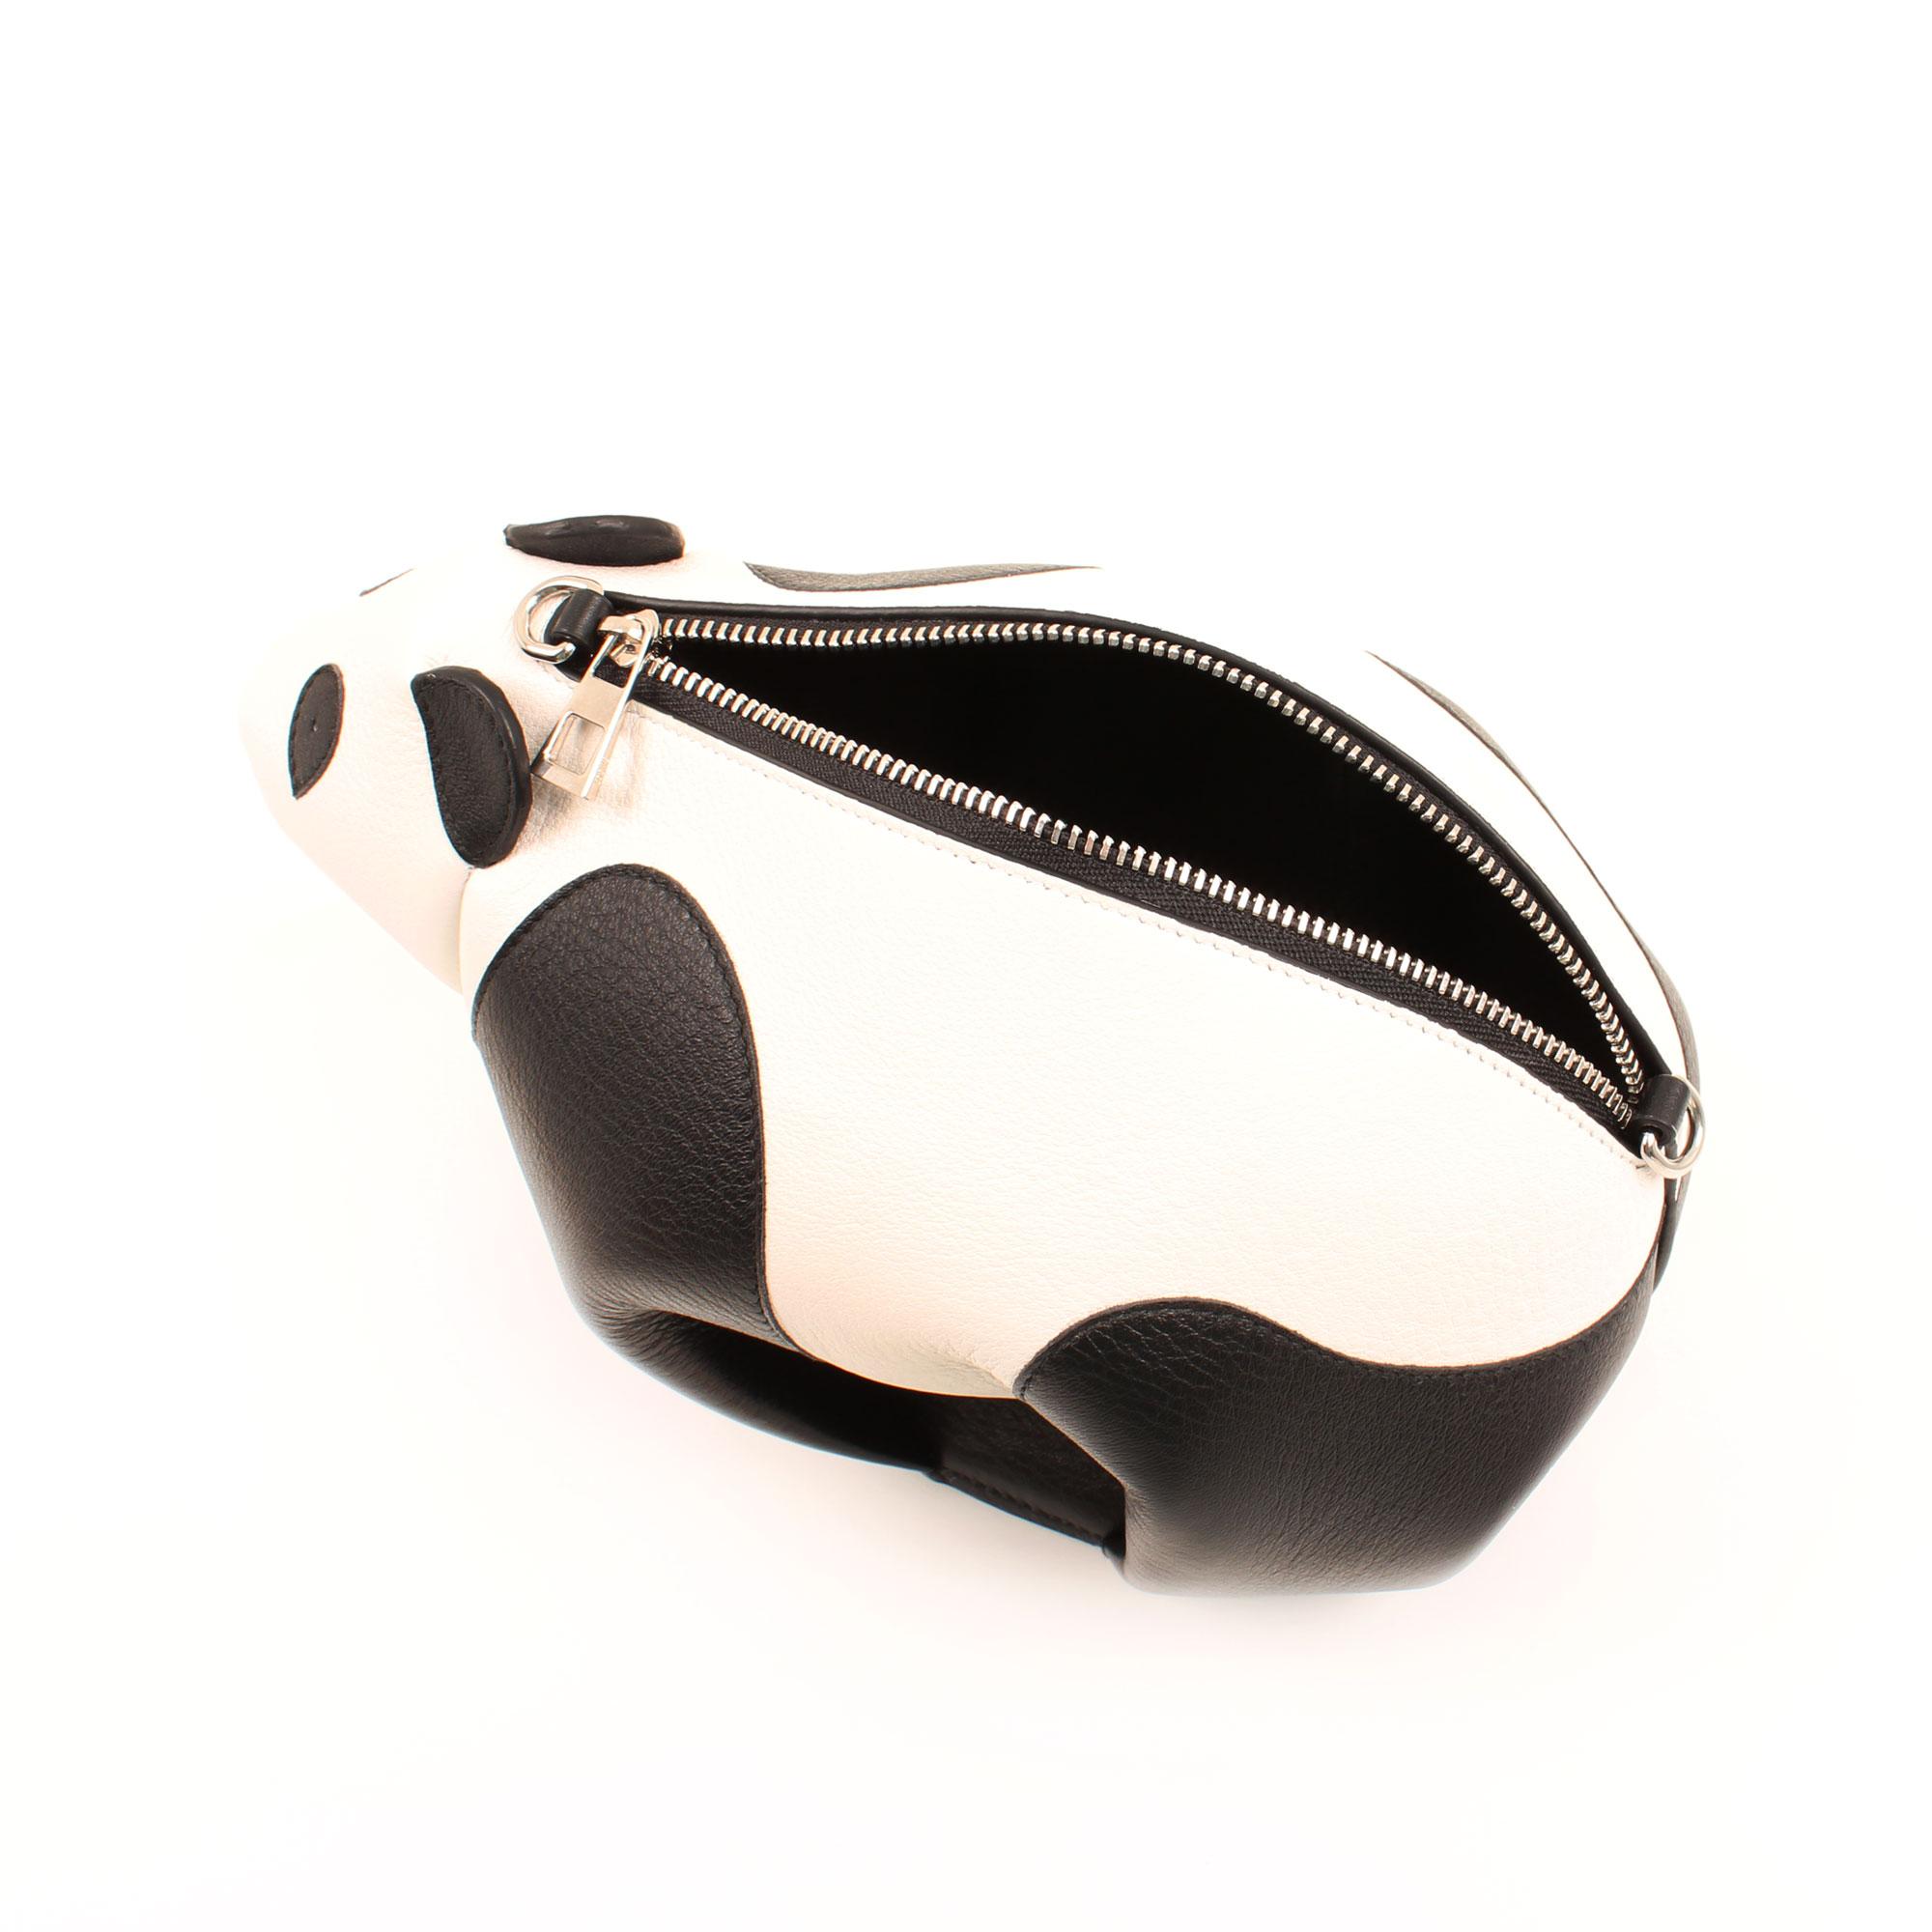 Interior image of loewe mini panda leather bag